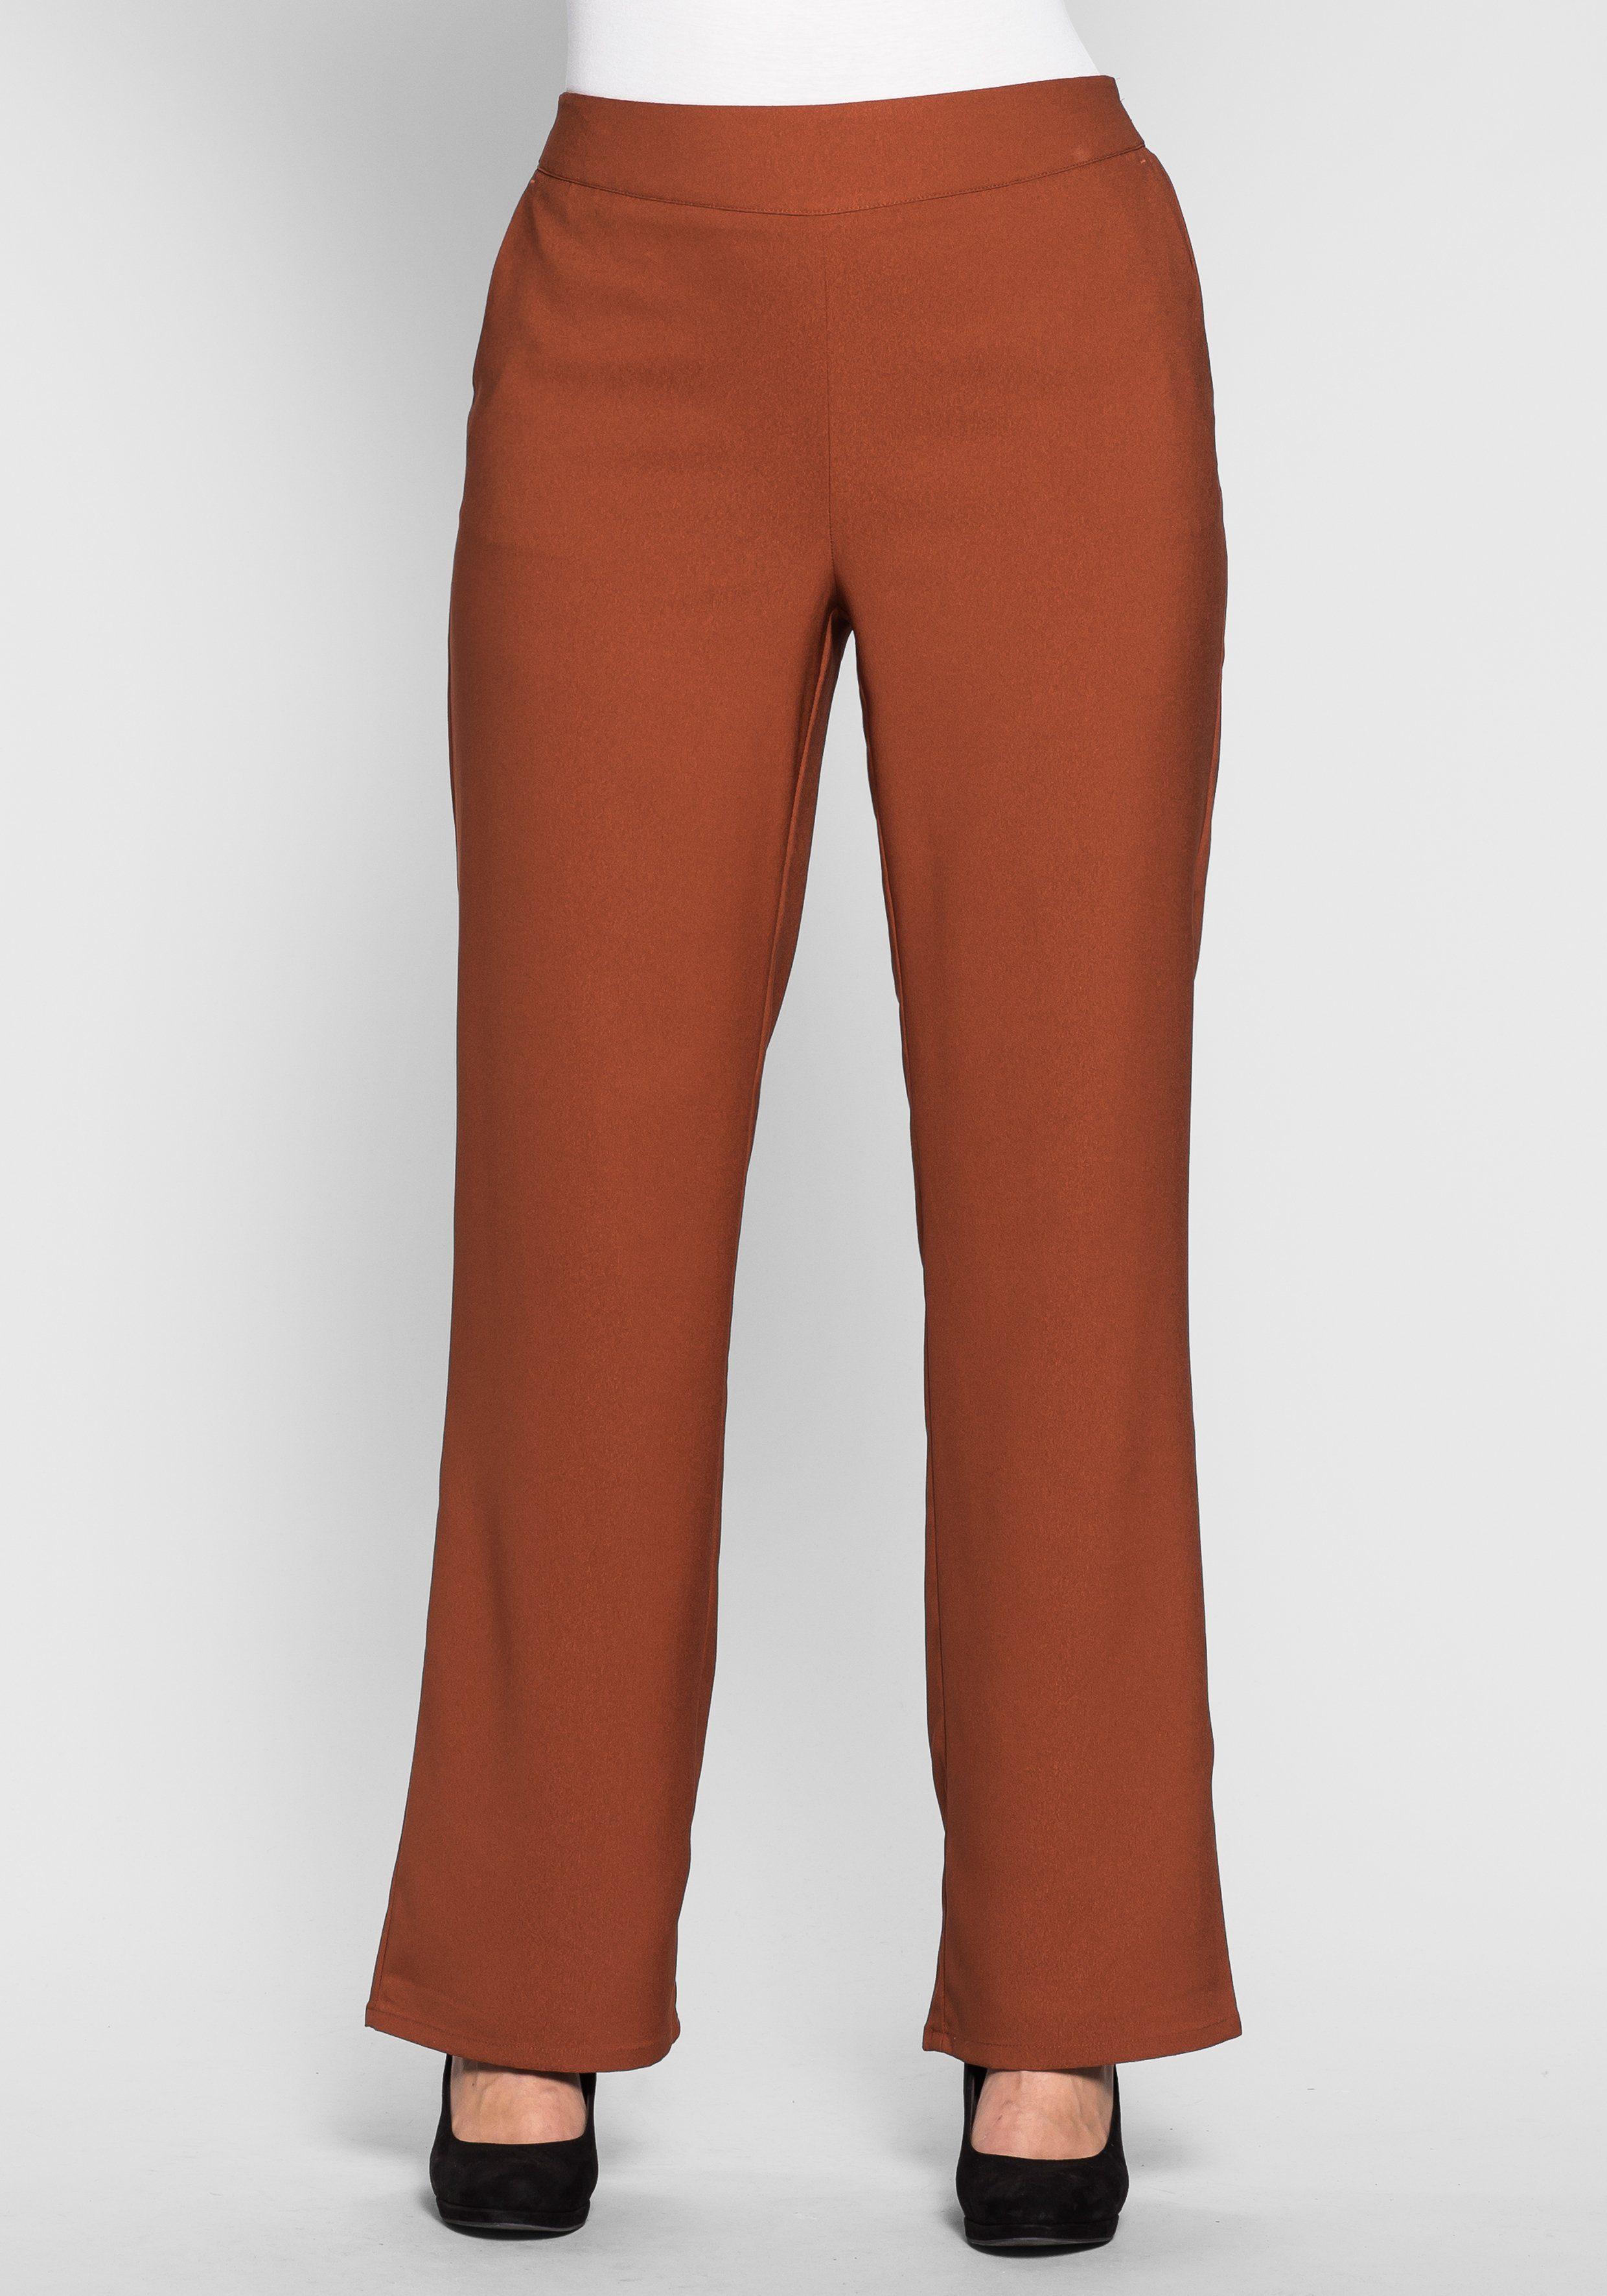 sheego Style Weite Hose mit elastischem Bund